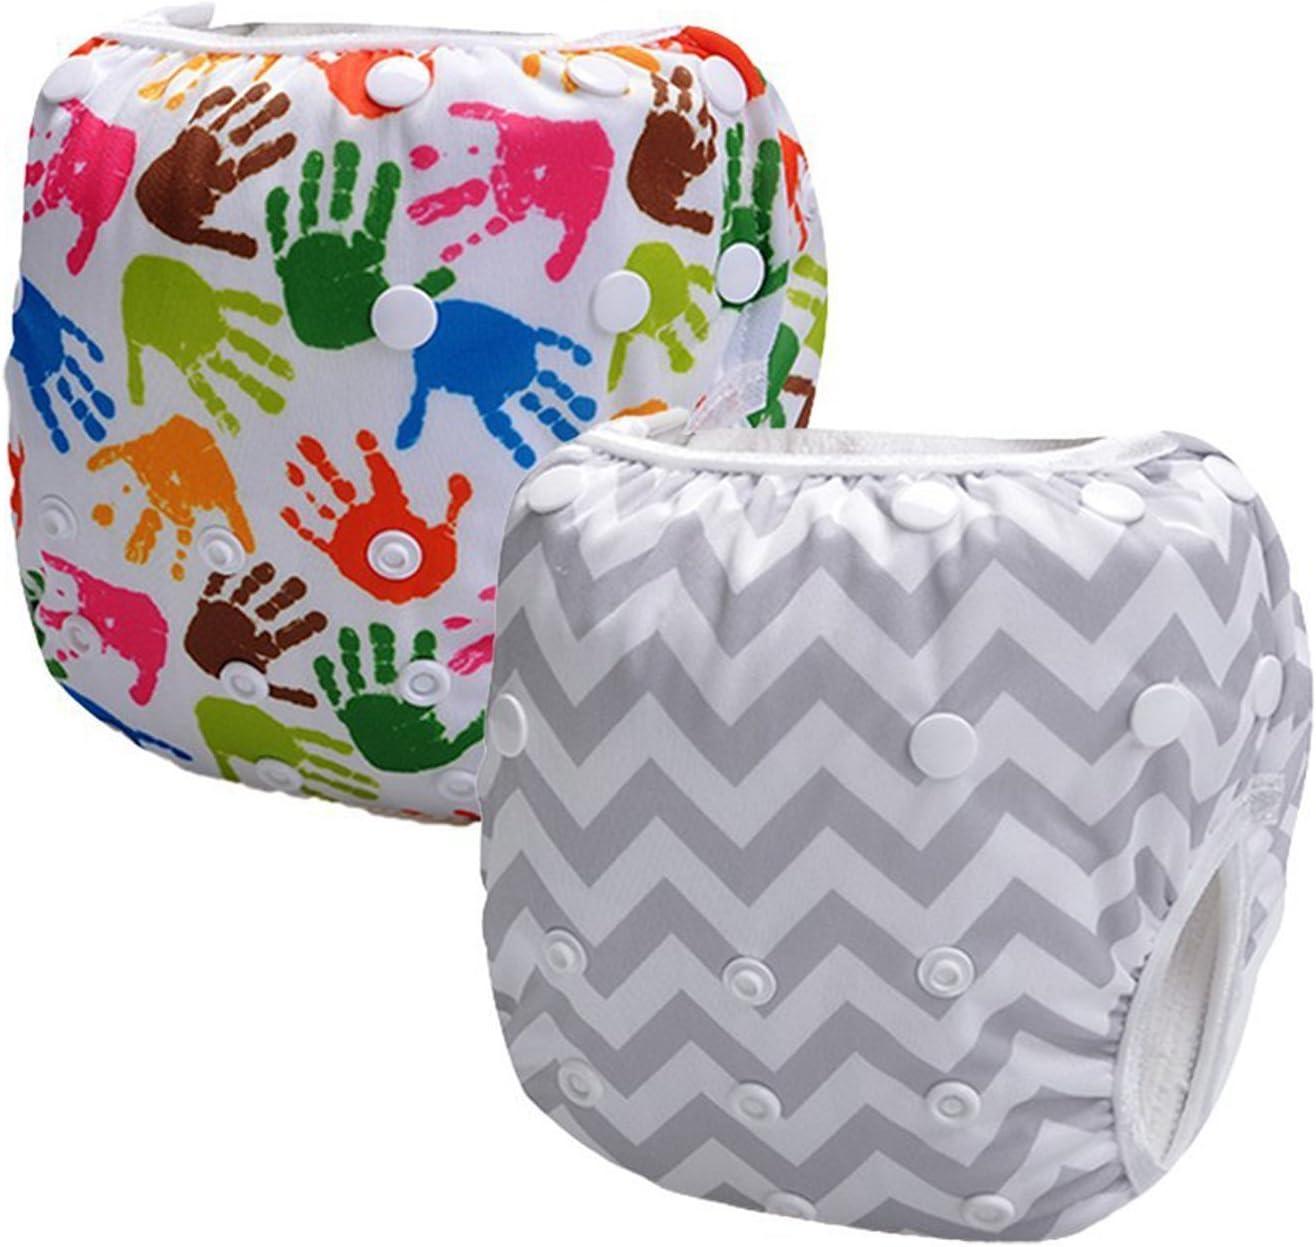 ssstar 2pcs Infant Big One tama/ño reutilizable lavable Swim Pa/ñales multicolor white